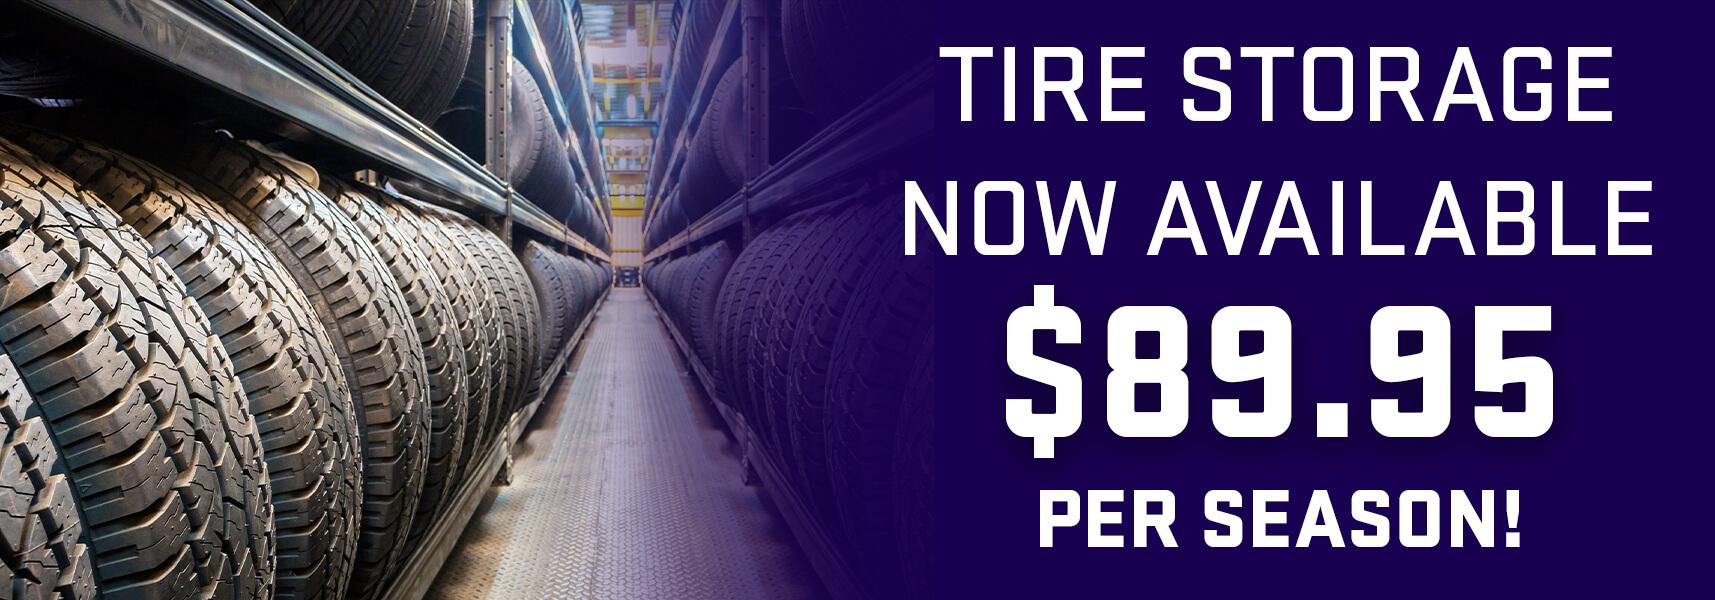 Tire Storage $89.95 per season